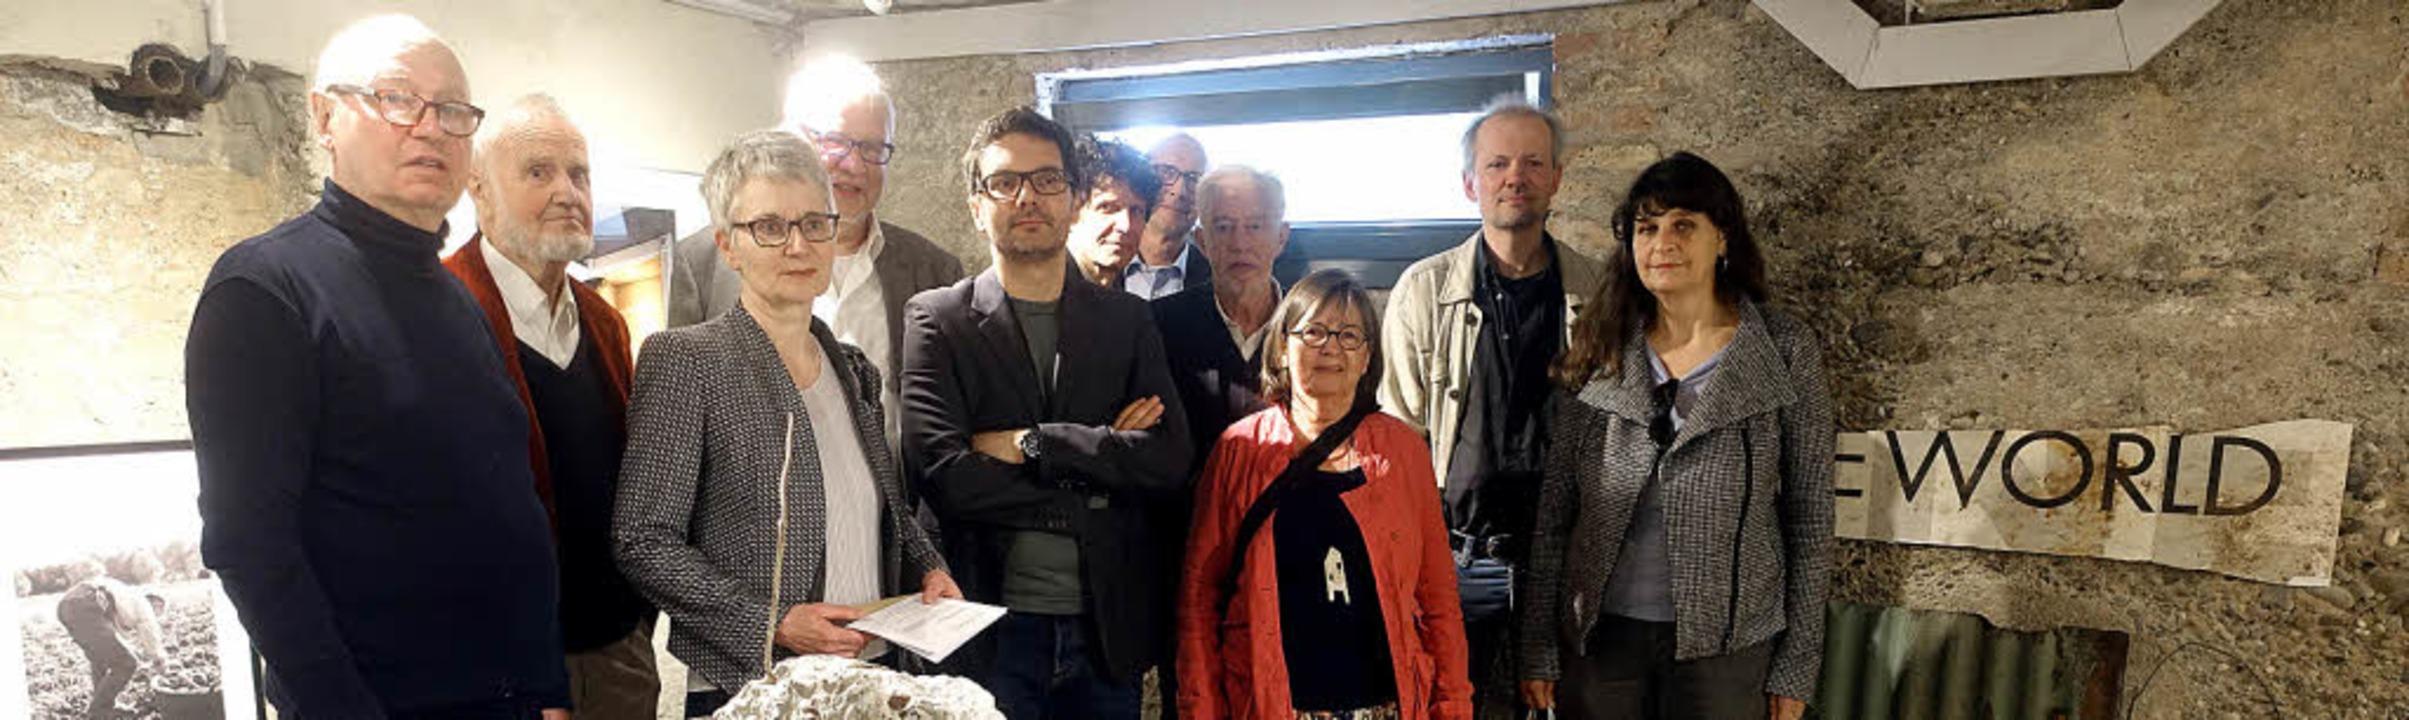 Neue Galerie in alten Mauern: Rolf Fre...it  Künstlern der ersten Ausstellung.     Foto: Frey